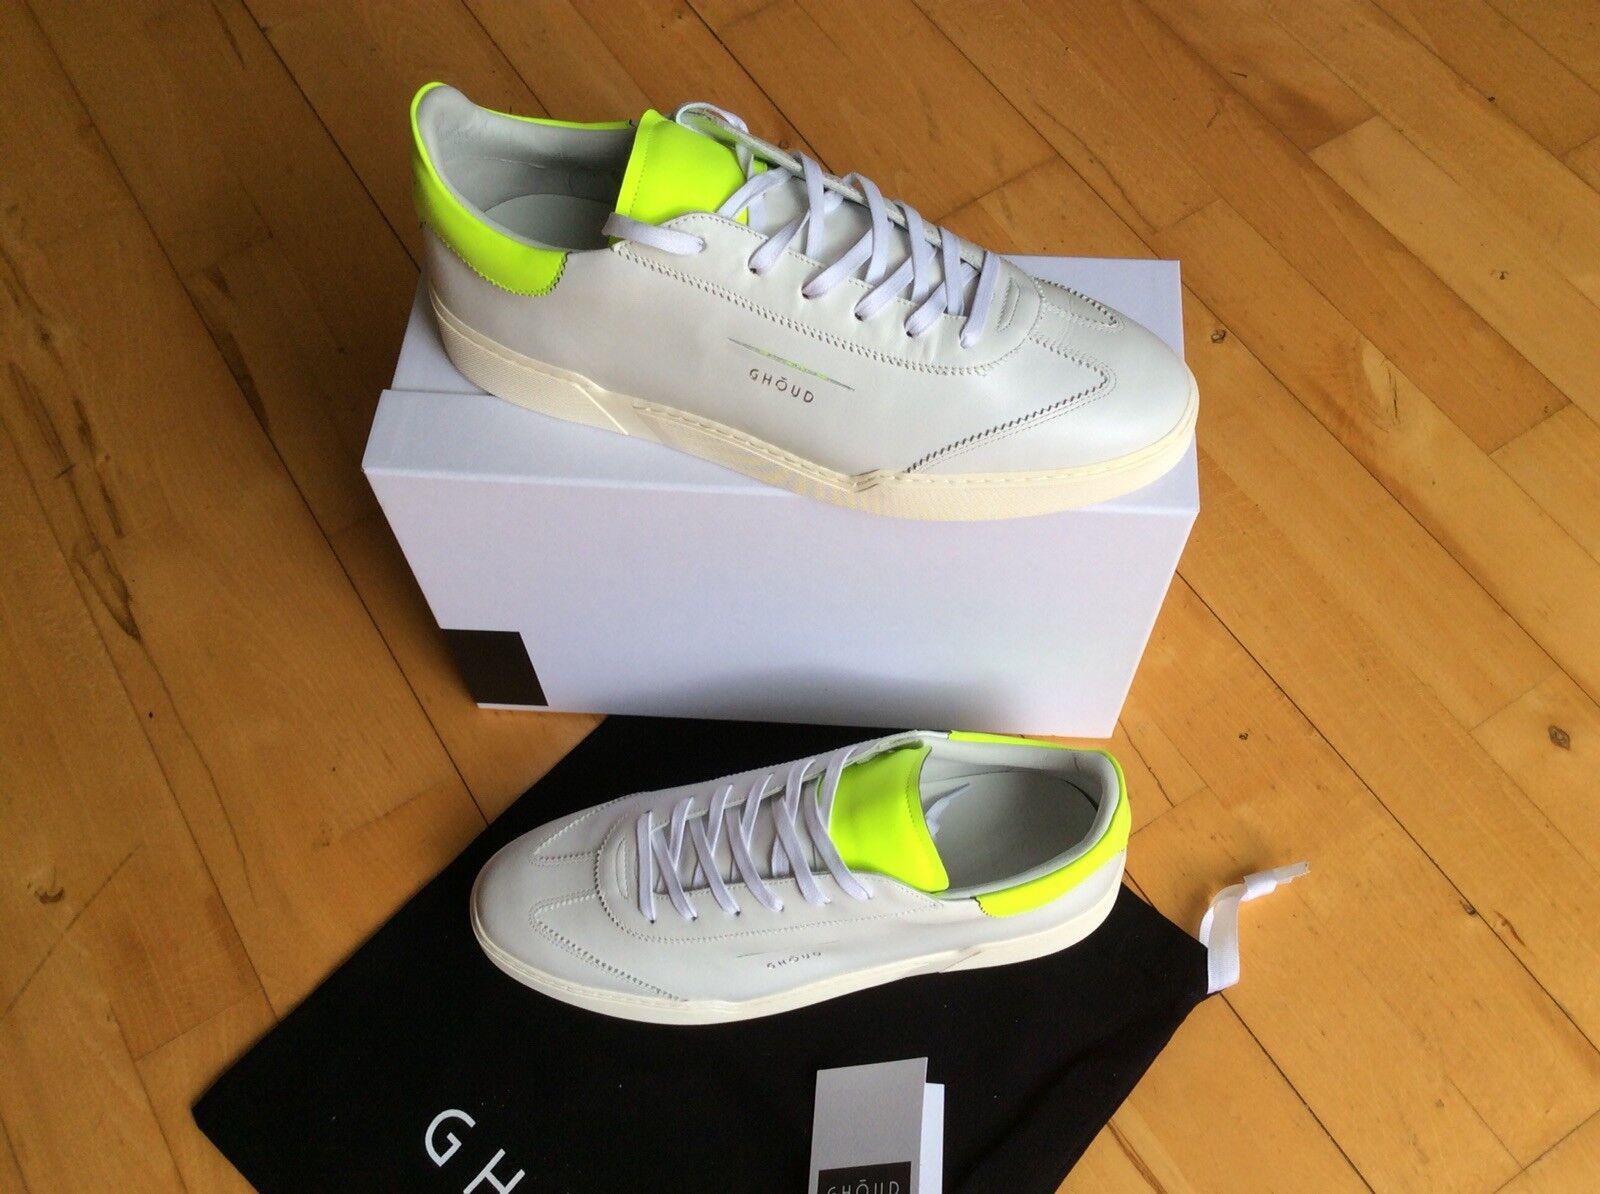 GHOUD VENICE Sneaker weiss/fluo yellow Gr. 45 *neu* Schuh